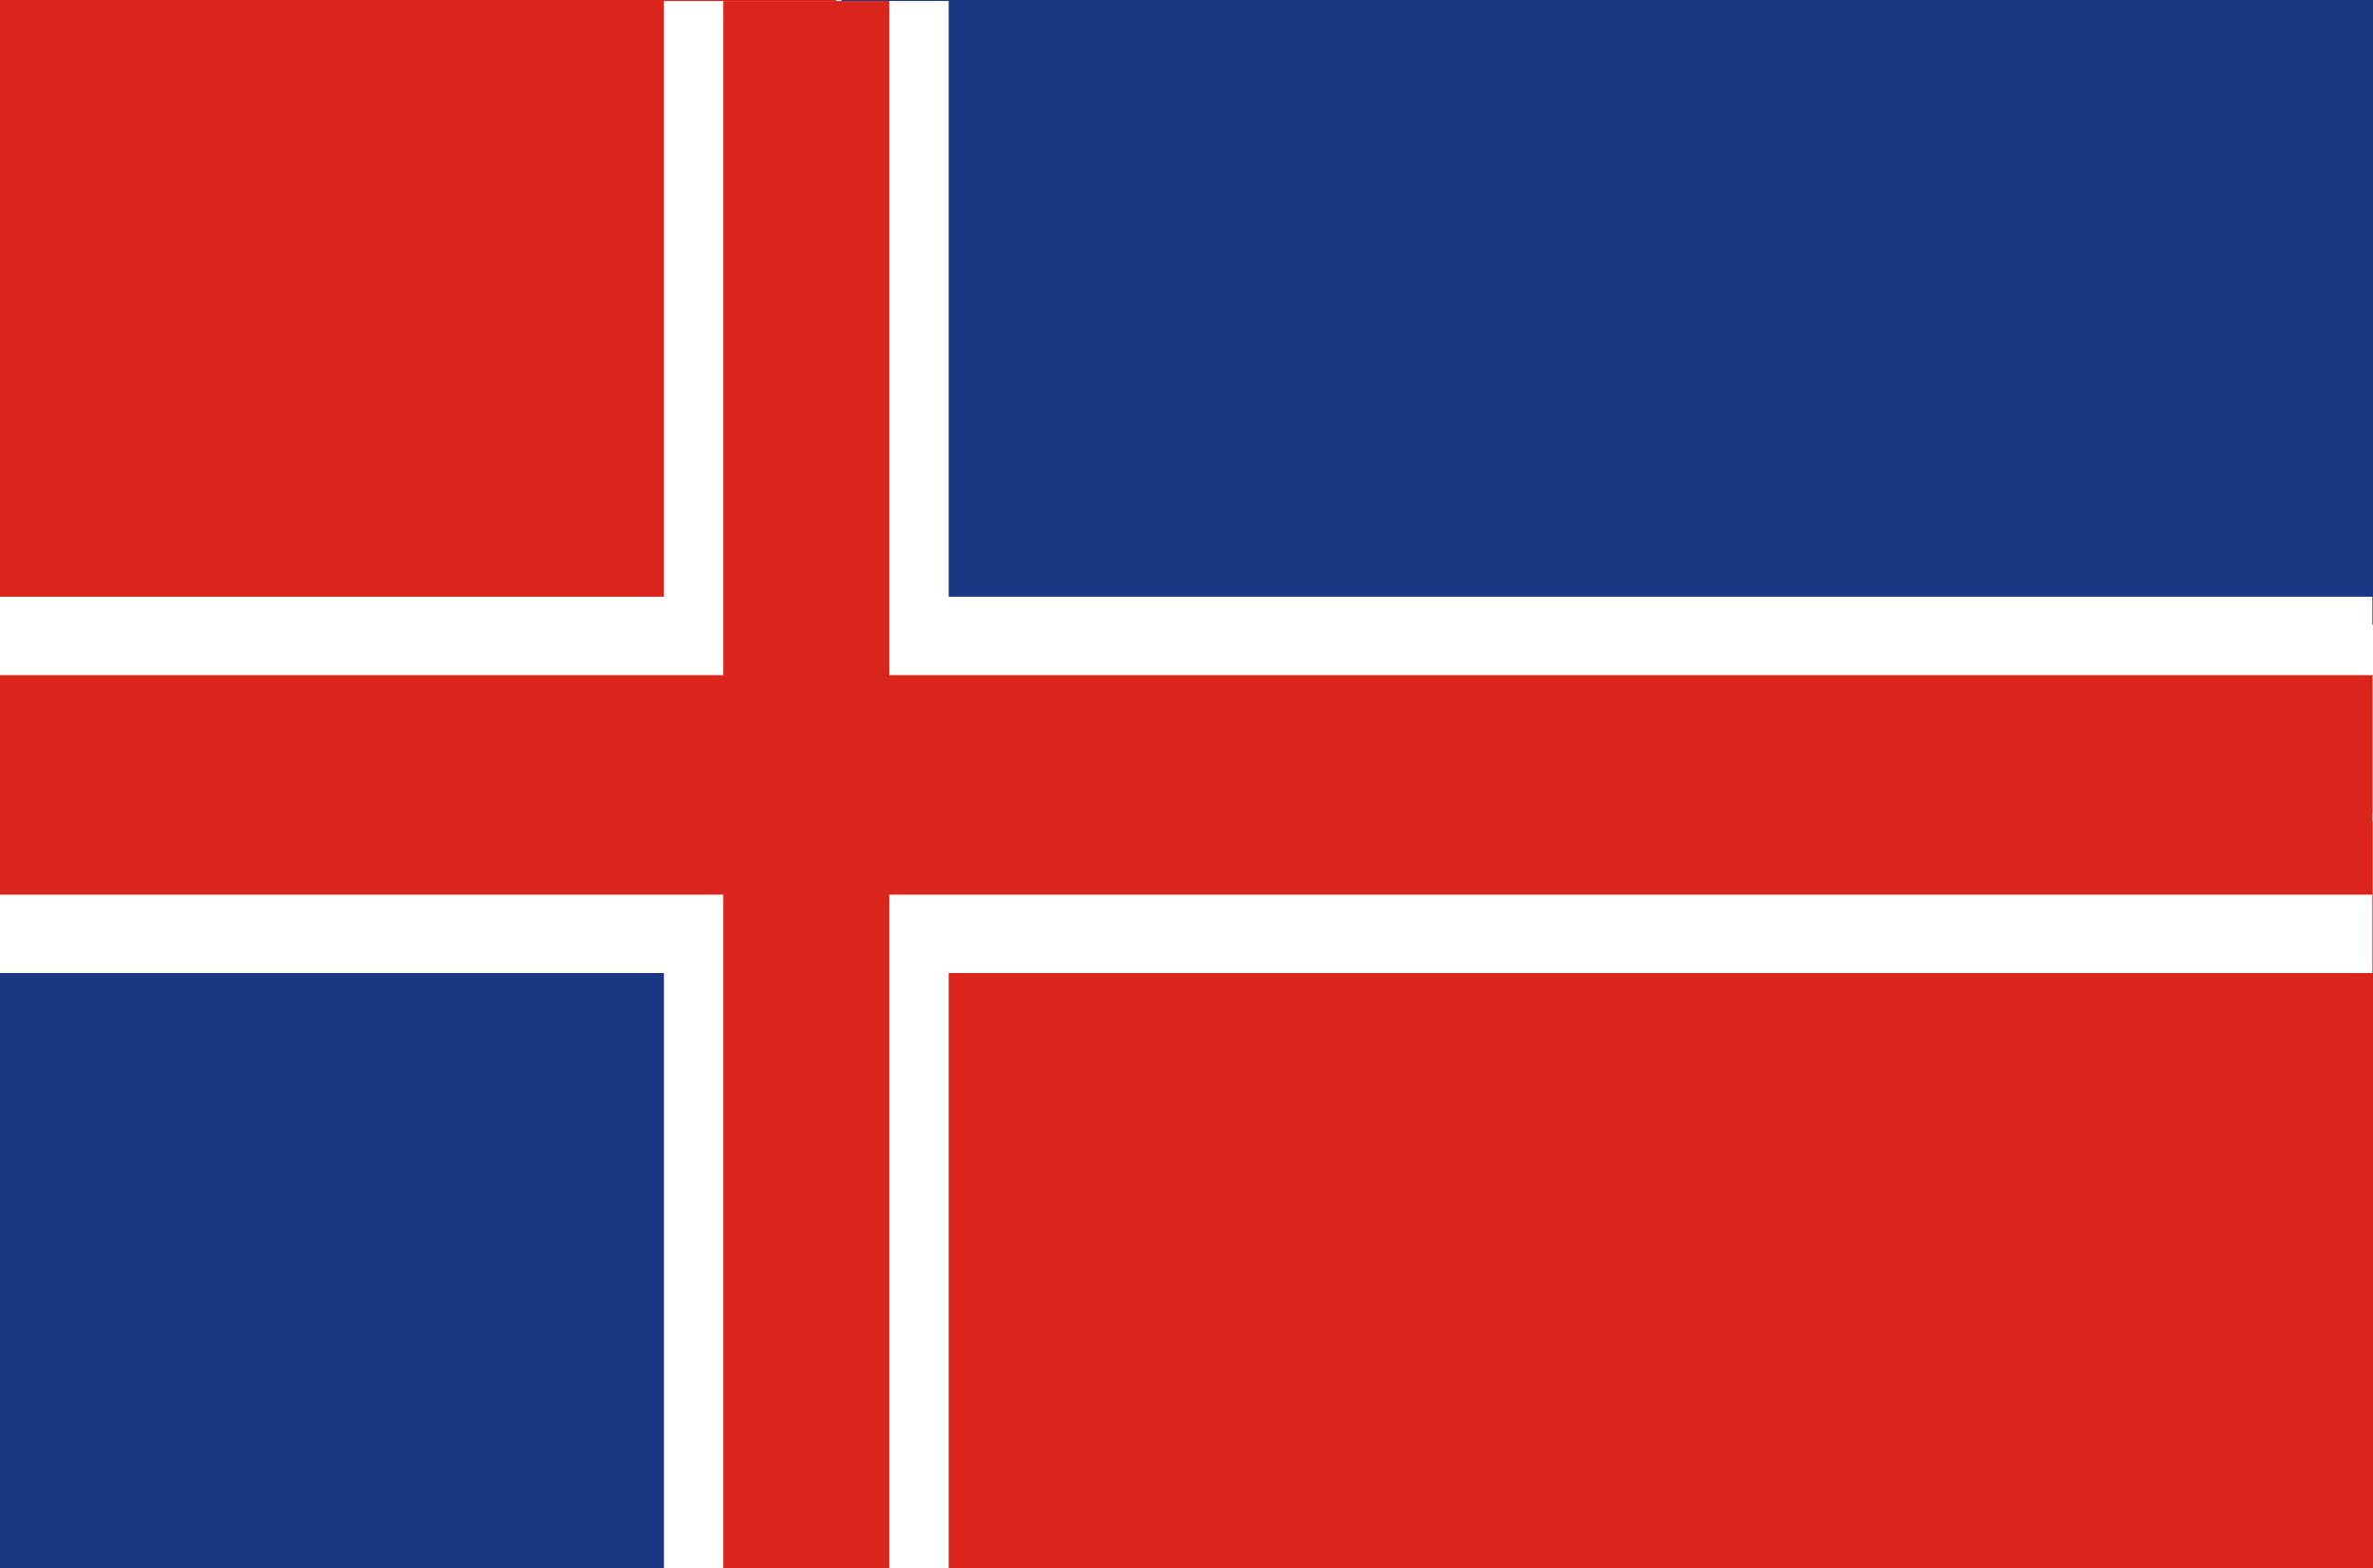 Gori Georgia Wikipedia The Free Encyclopedia Flag Flag Design Flag Country